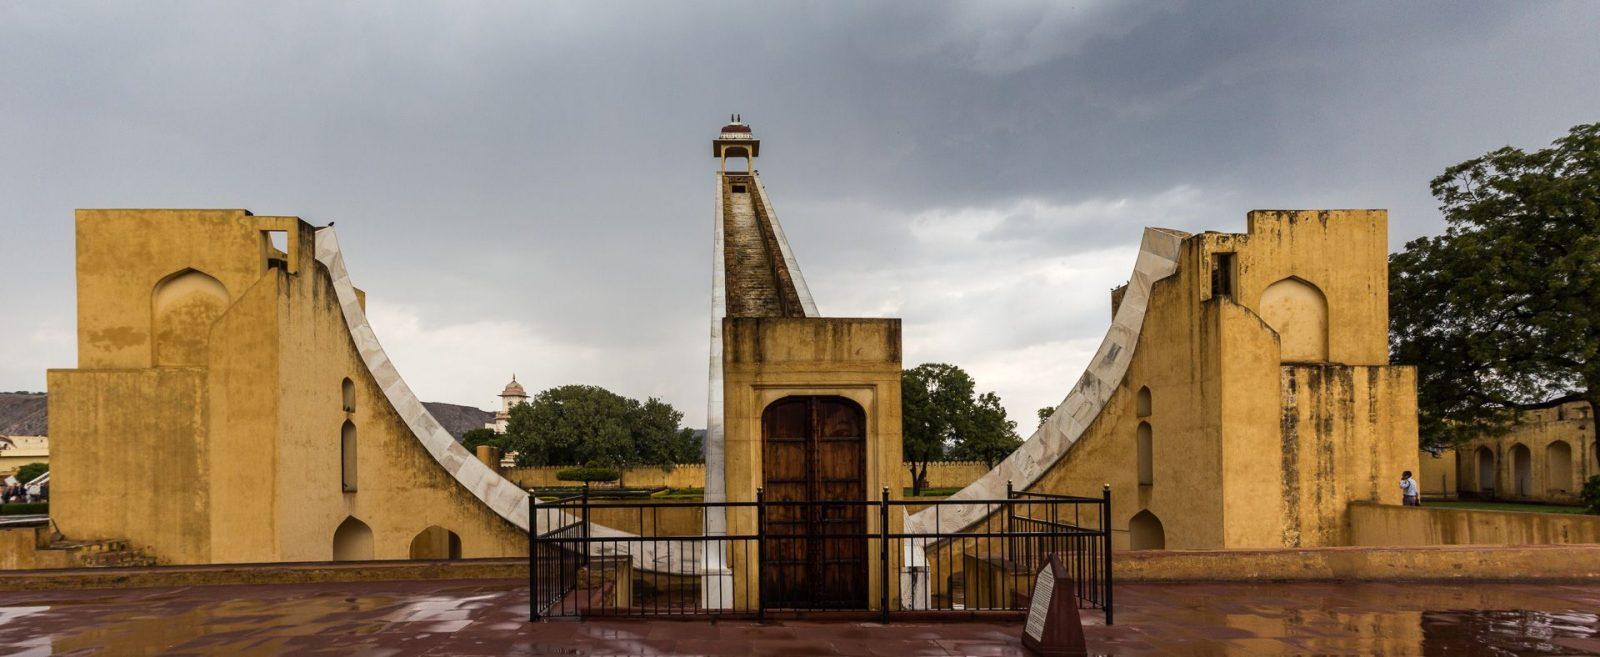 Vhirat Samrat Yantra – největší sluneční hodiny světa, které měří čas s přesností na 2 sekundy.